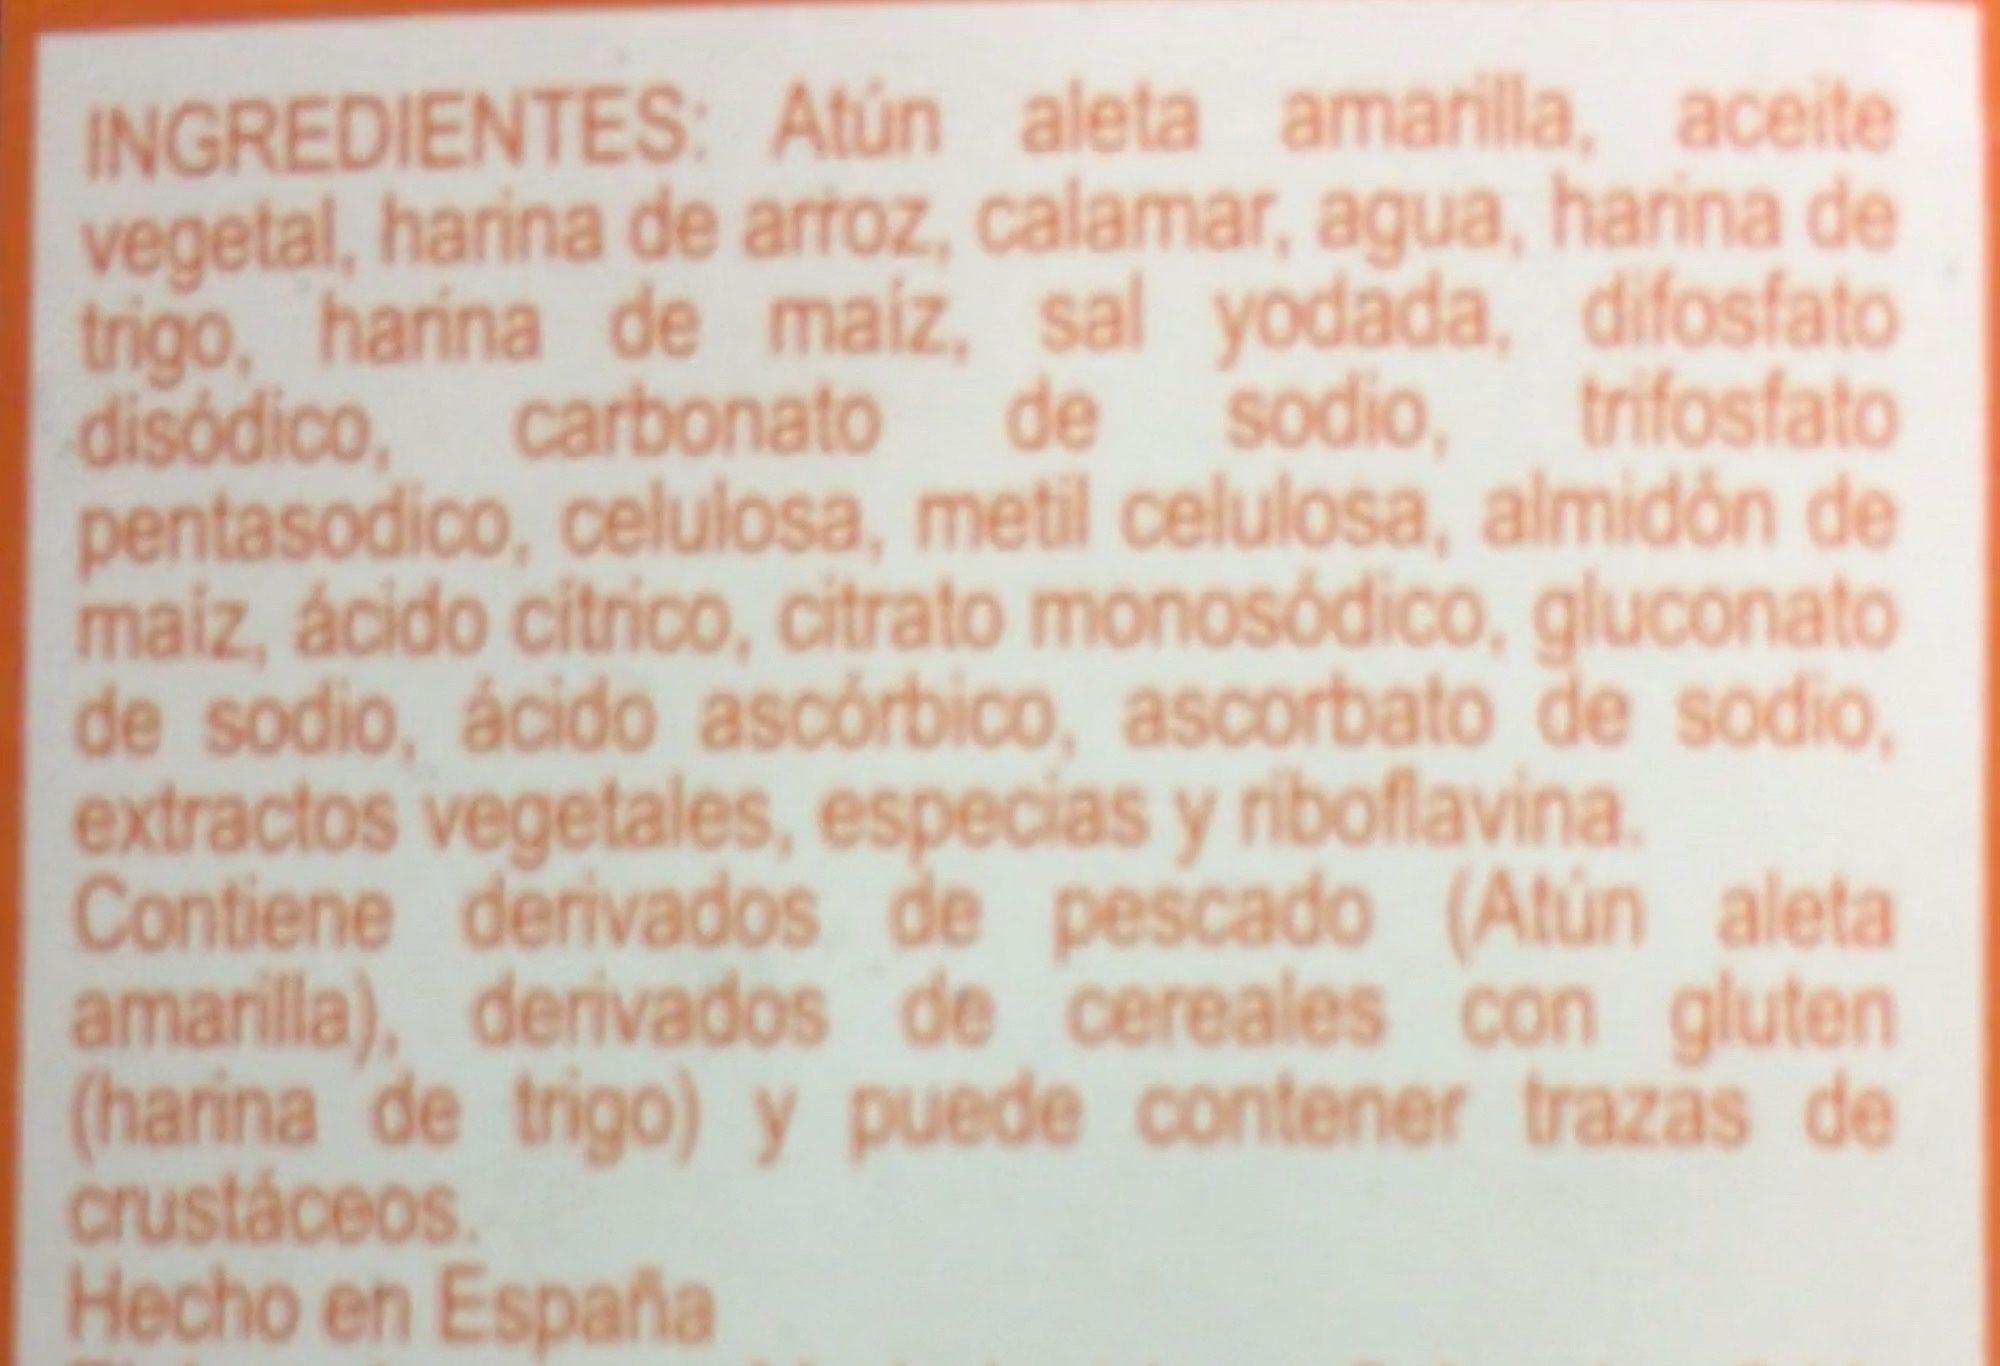 Nuggets de atún, Tuny, - Ingrédients - es